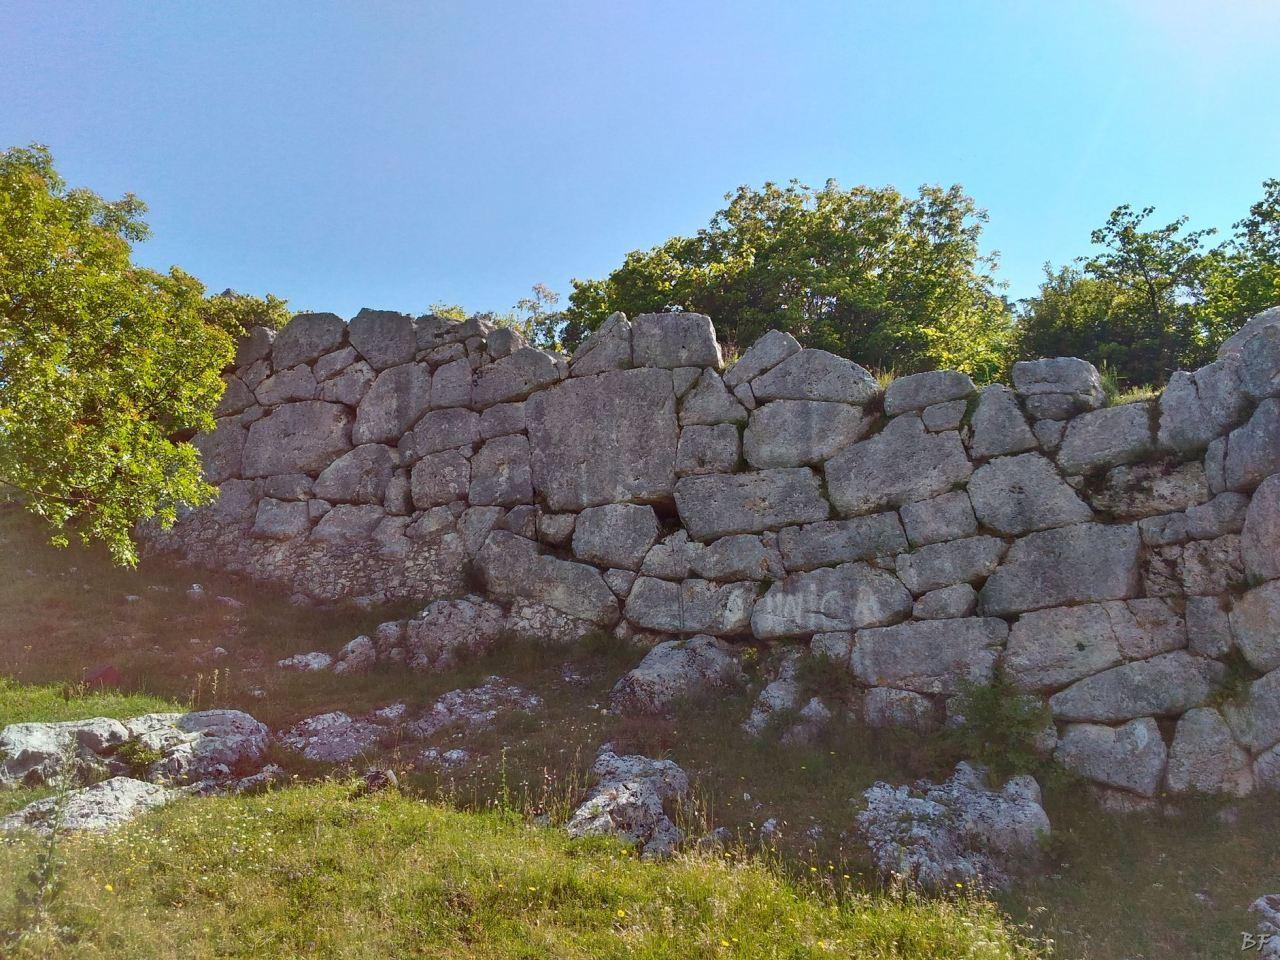 Signia-Mura-Poligonali-Megalitiche-Segni-Roma-Lazio-Italia-17